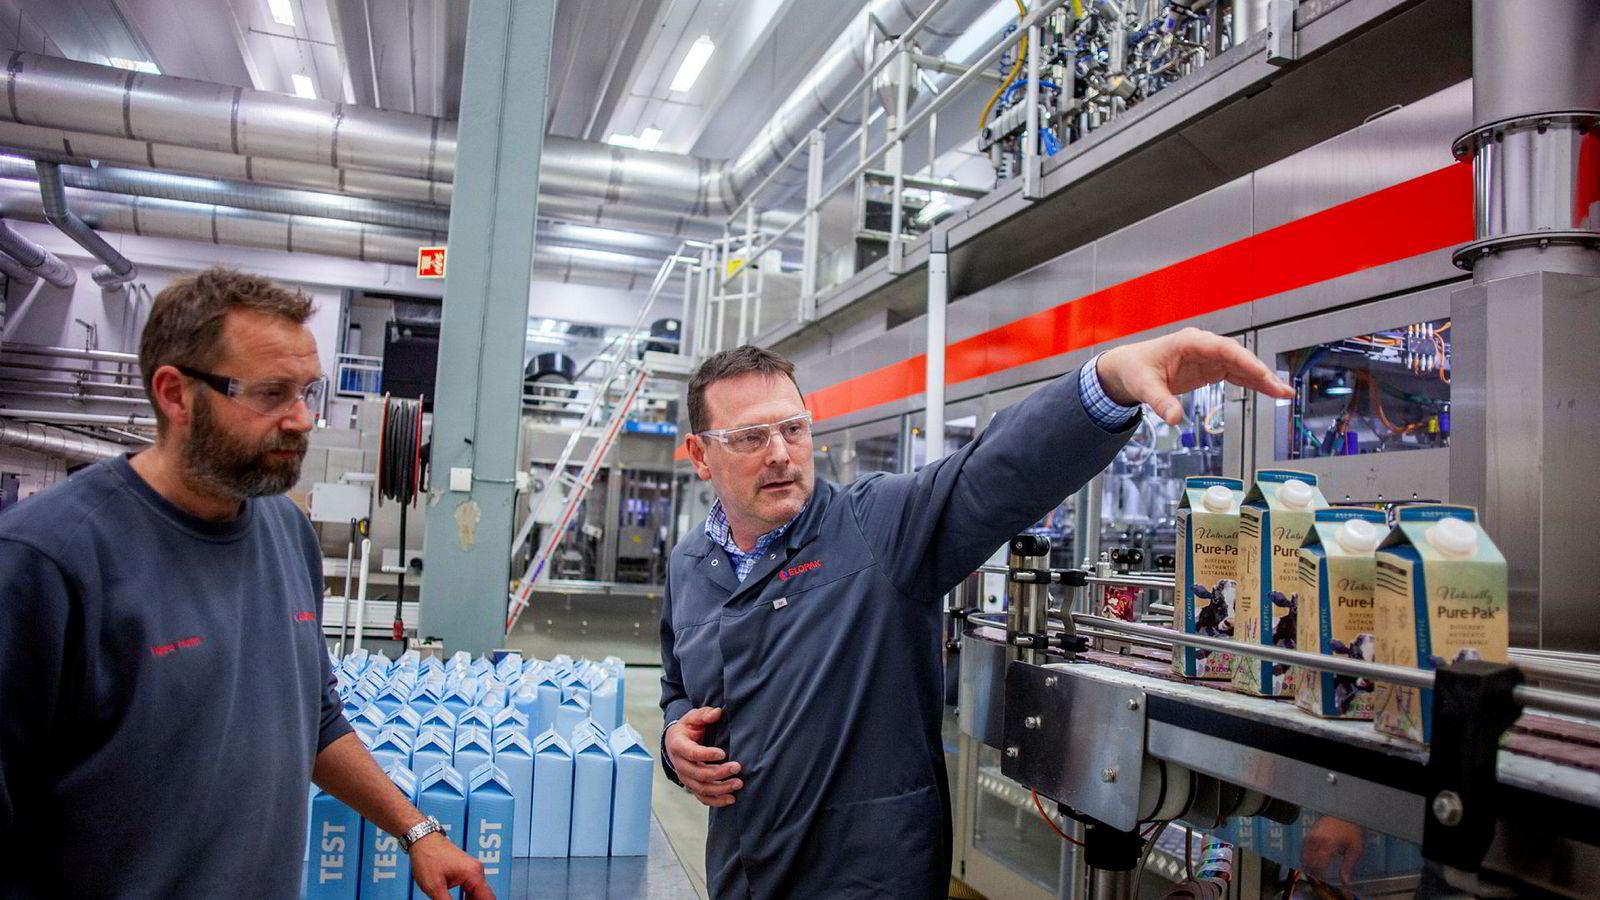 Emballasjefabrikken Elopak støtter seg til papirhandel med grønne kraftgarantier. Her jobber Vegard Holm og Marius Wiklund med nye typer papirbasert emballasje på utviklingssenteret på Spikkestad.